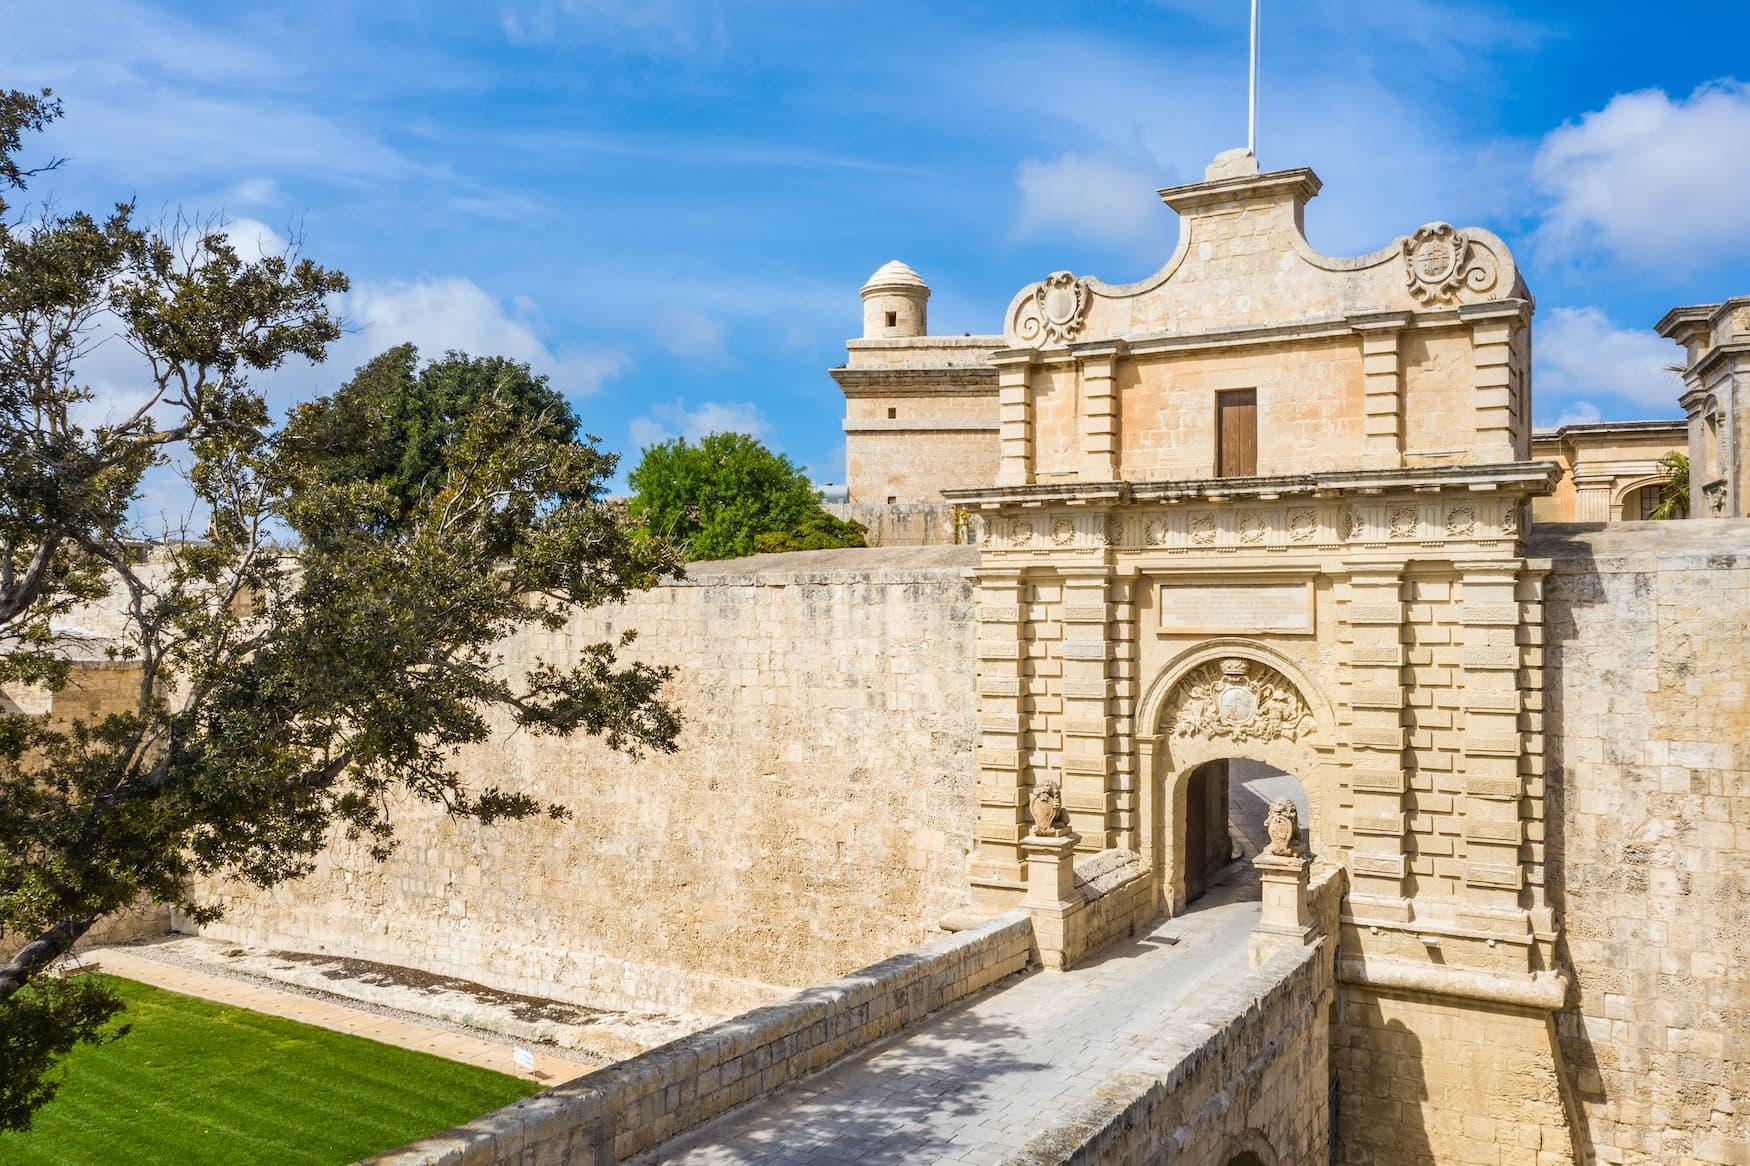 Sehenswürdigkeiten auf Malta: Das Haupttor von Mdina, das als Drehort von Game of Thrones diente